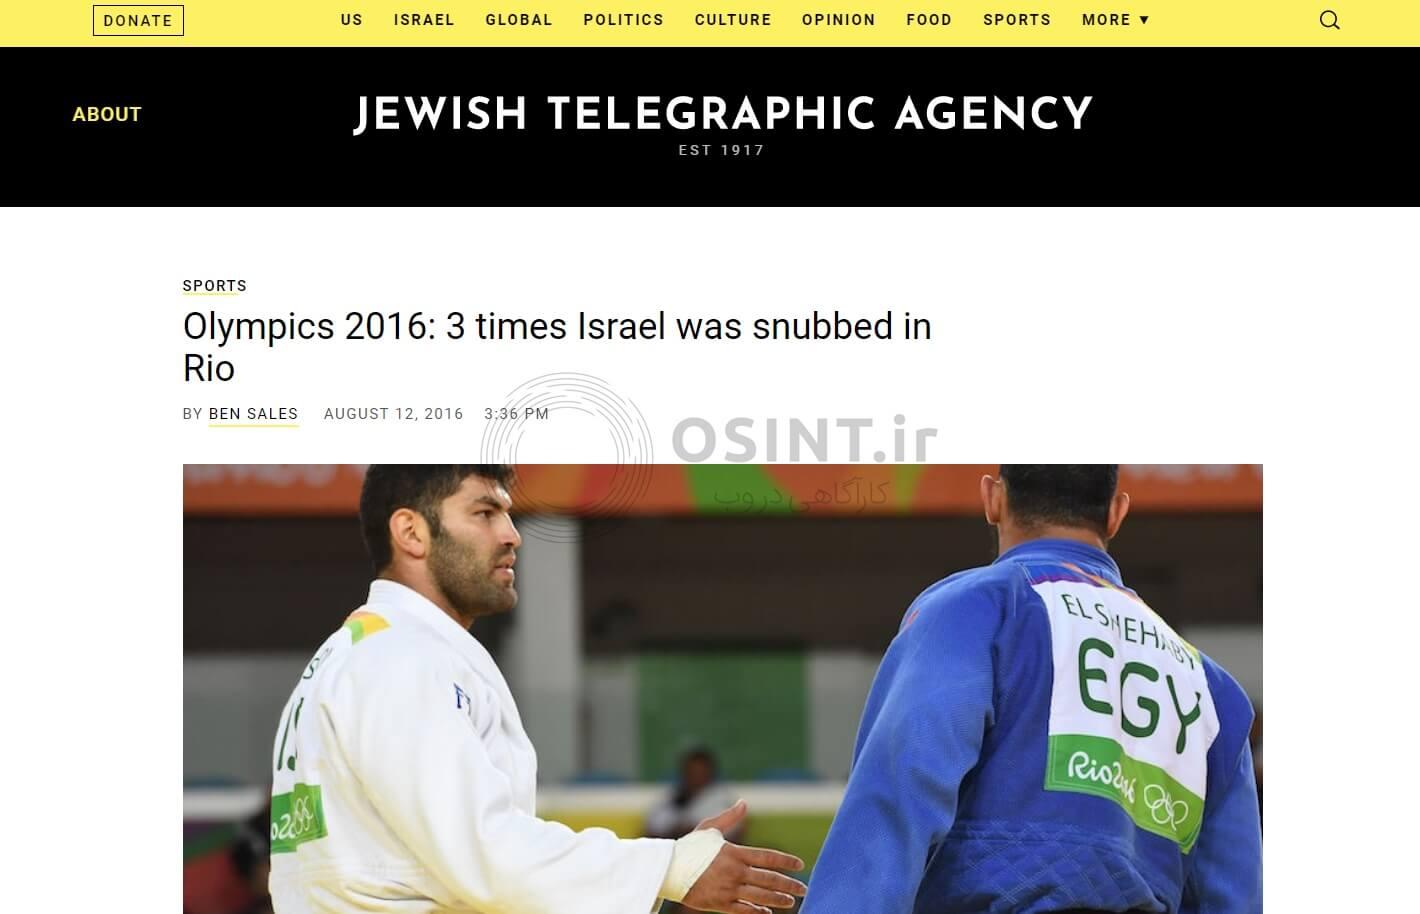 گزارش سایت یهودی درباره سرخورده شدن اسرائیل در المپیک